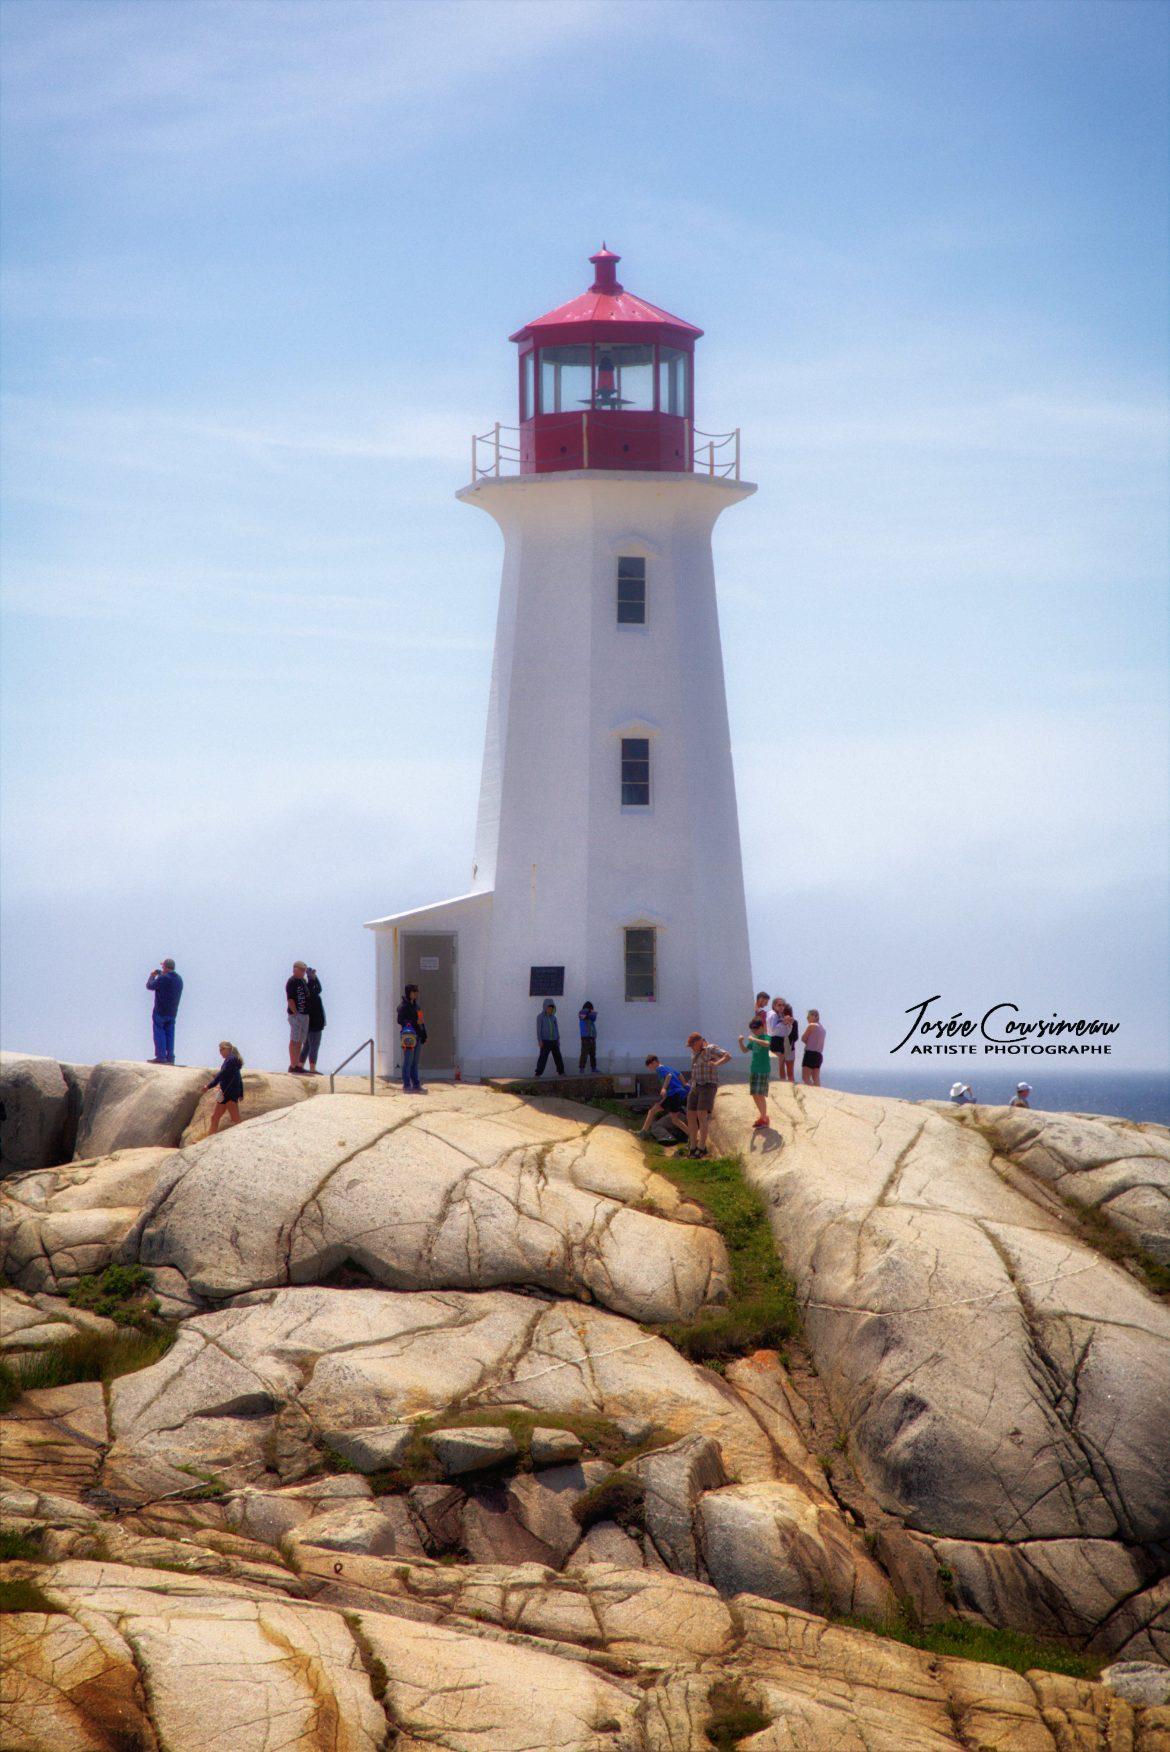 Ne quitte pas la Nouvelle-Écosse sans passer par Peggy's Cove